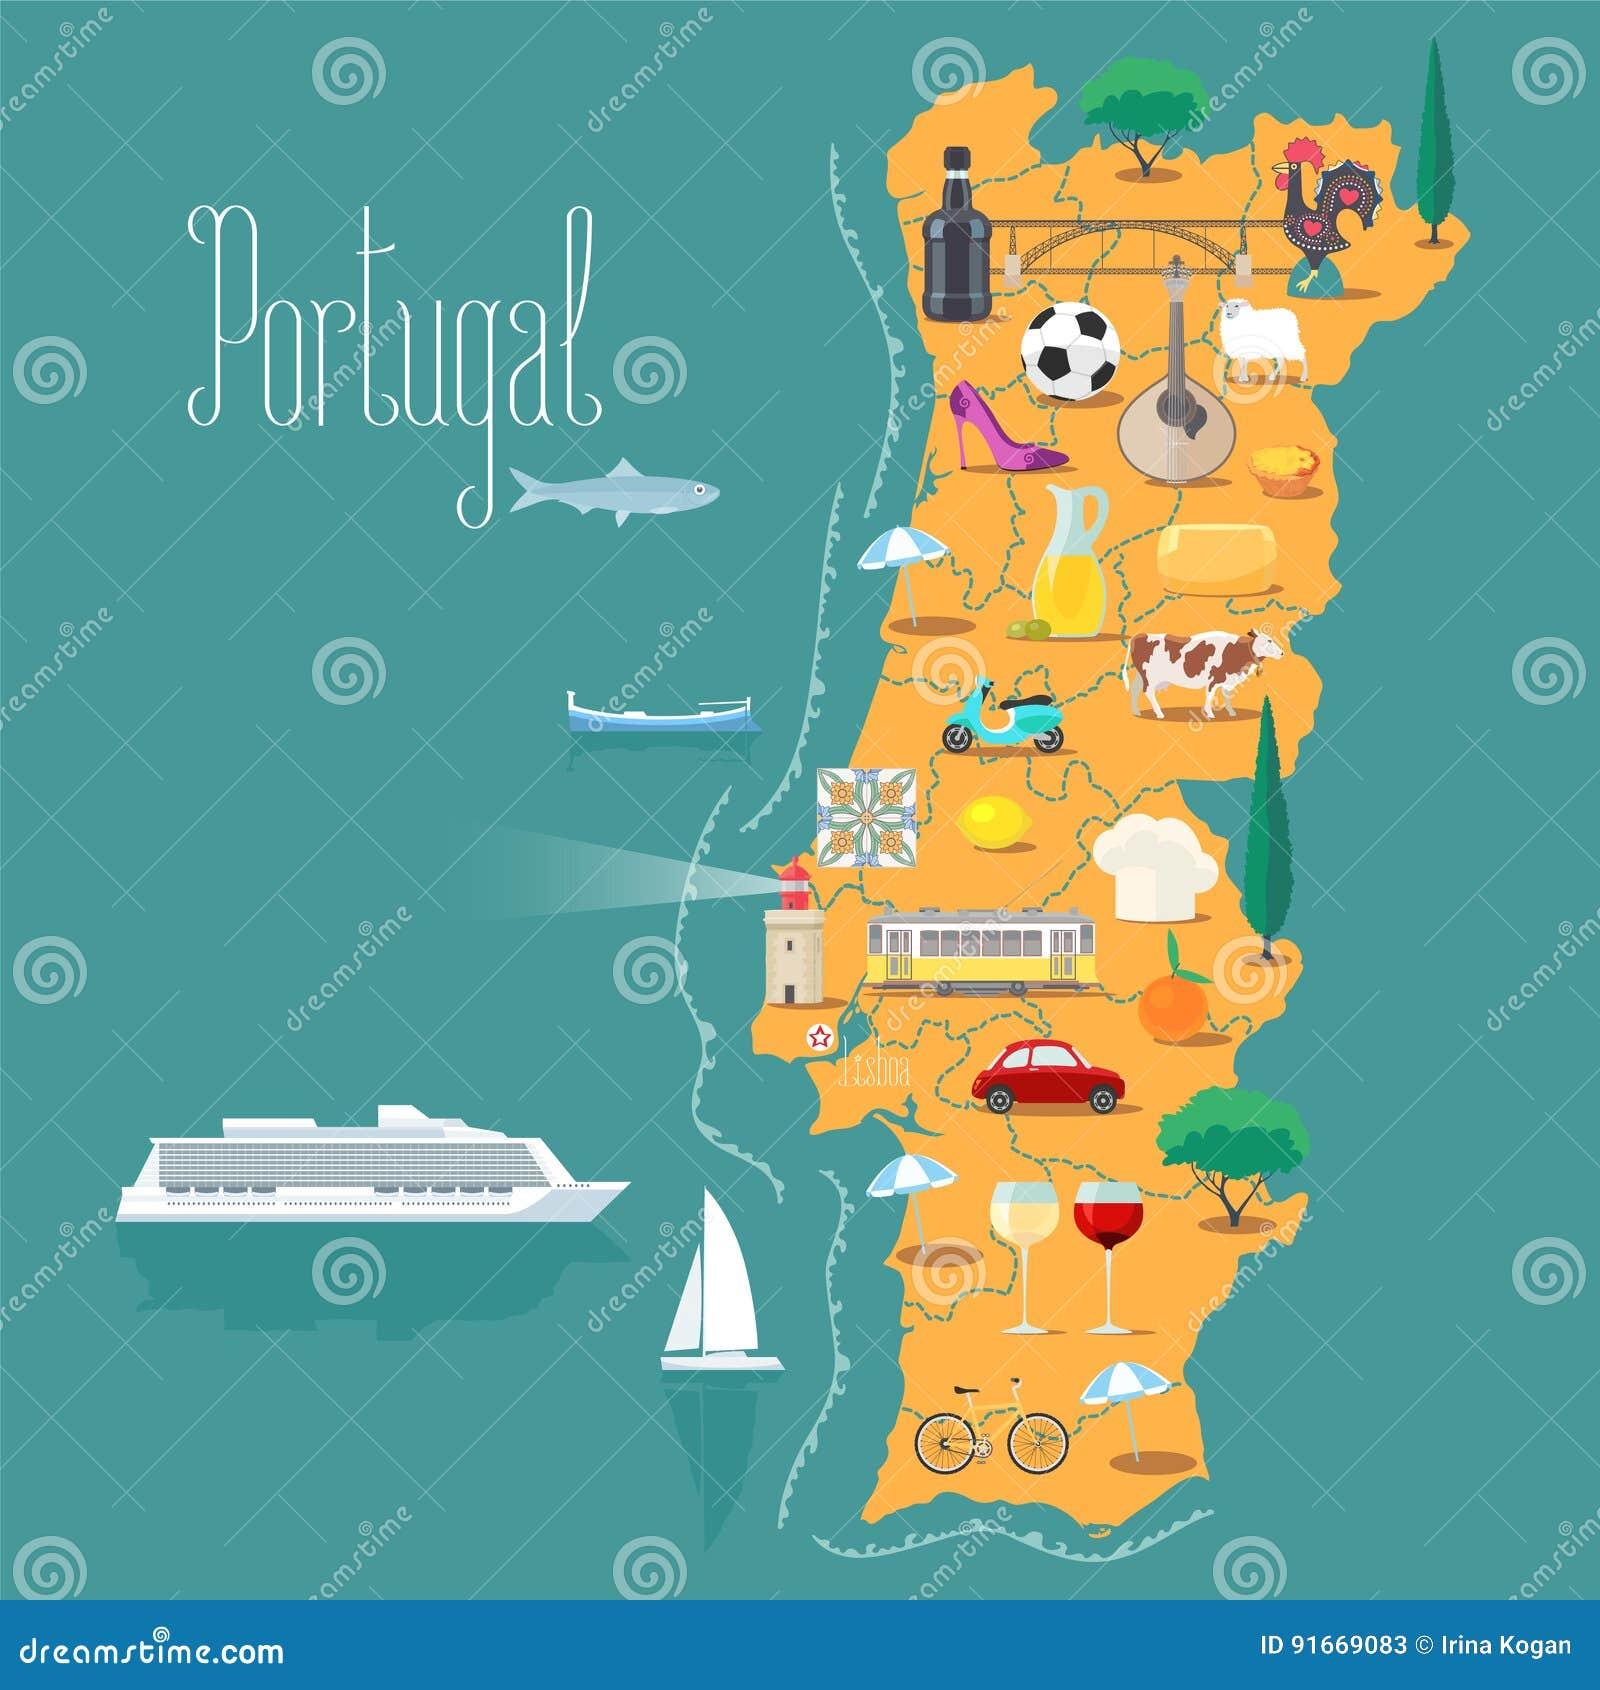 Mapa Da Ilustração Do Vetor De Portugal Projeto Ilustração Do - Portugal mapa